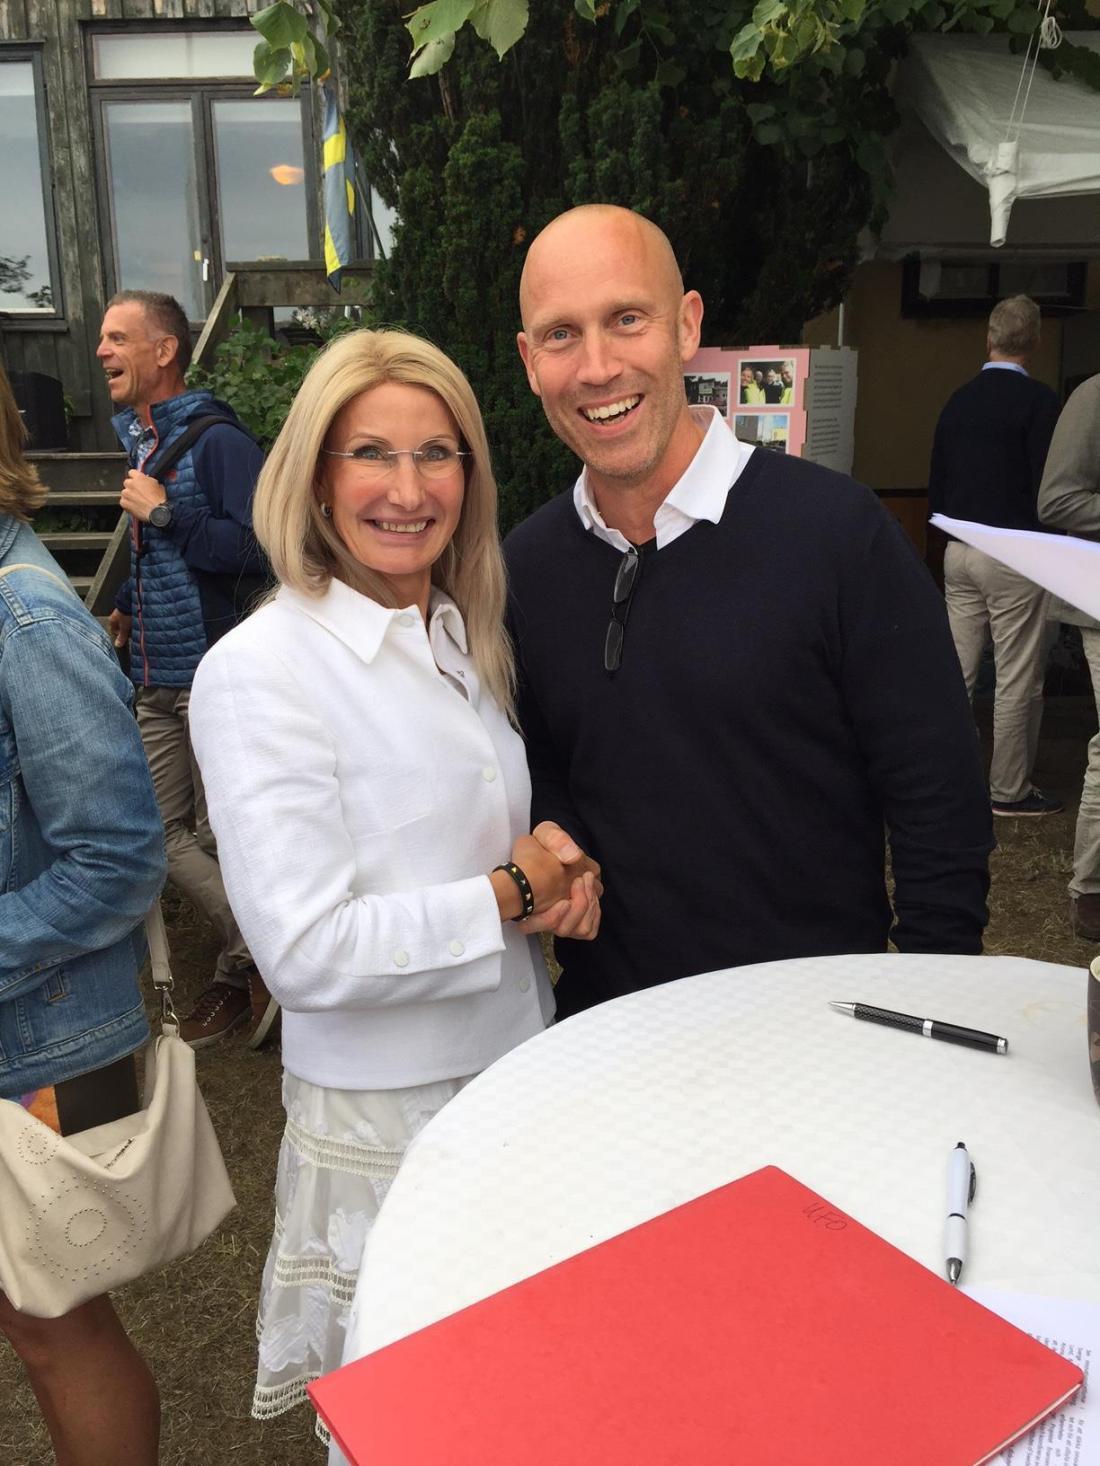 Handslag efter undertecknande av avsiktsförklaringen om samarbete mellan Pia Sandvik vd för RISE och Lars Christensen regiondirektör Region Värmland.